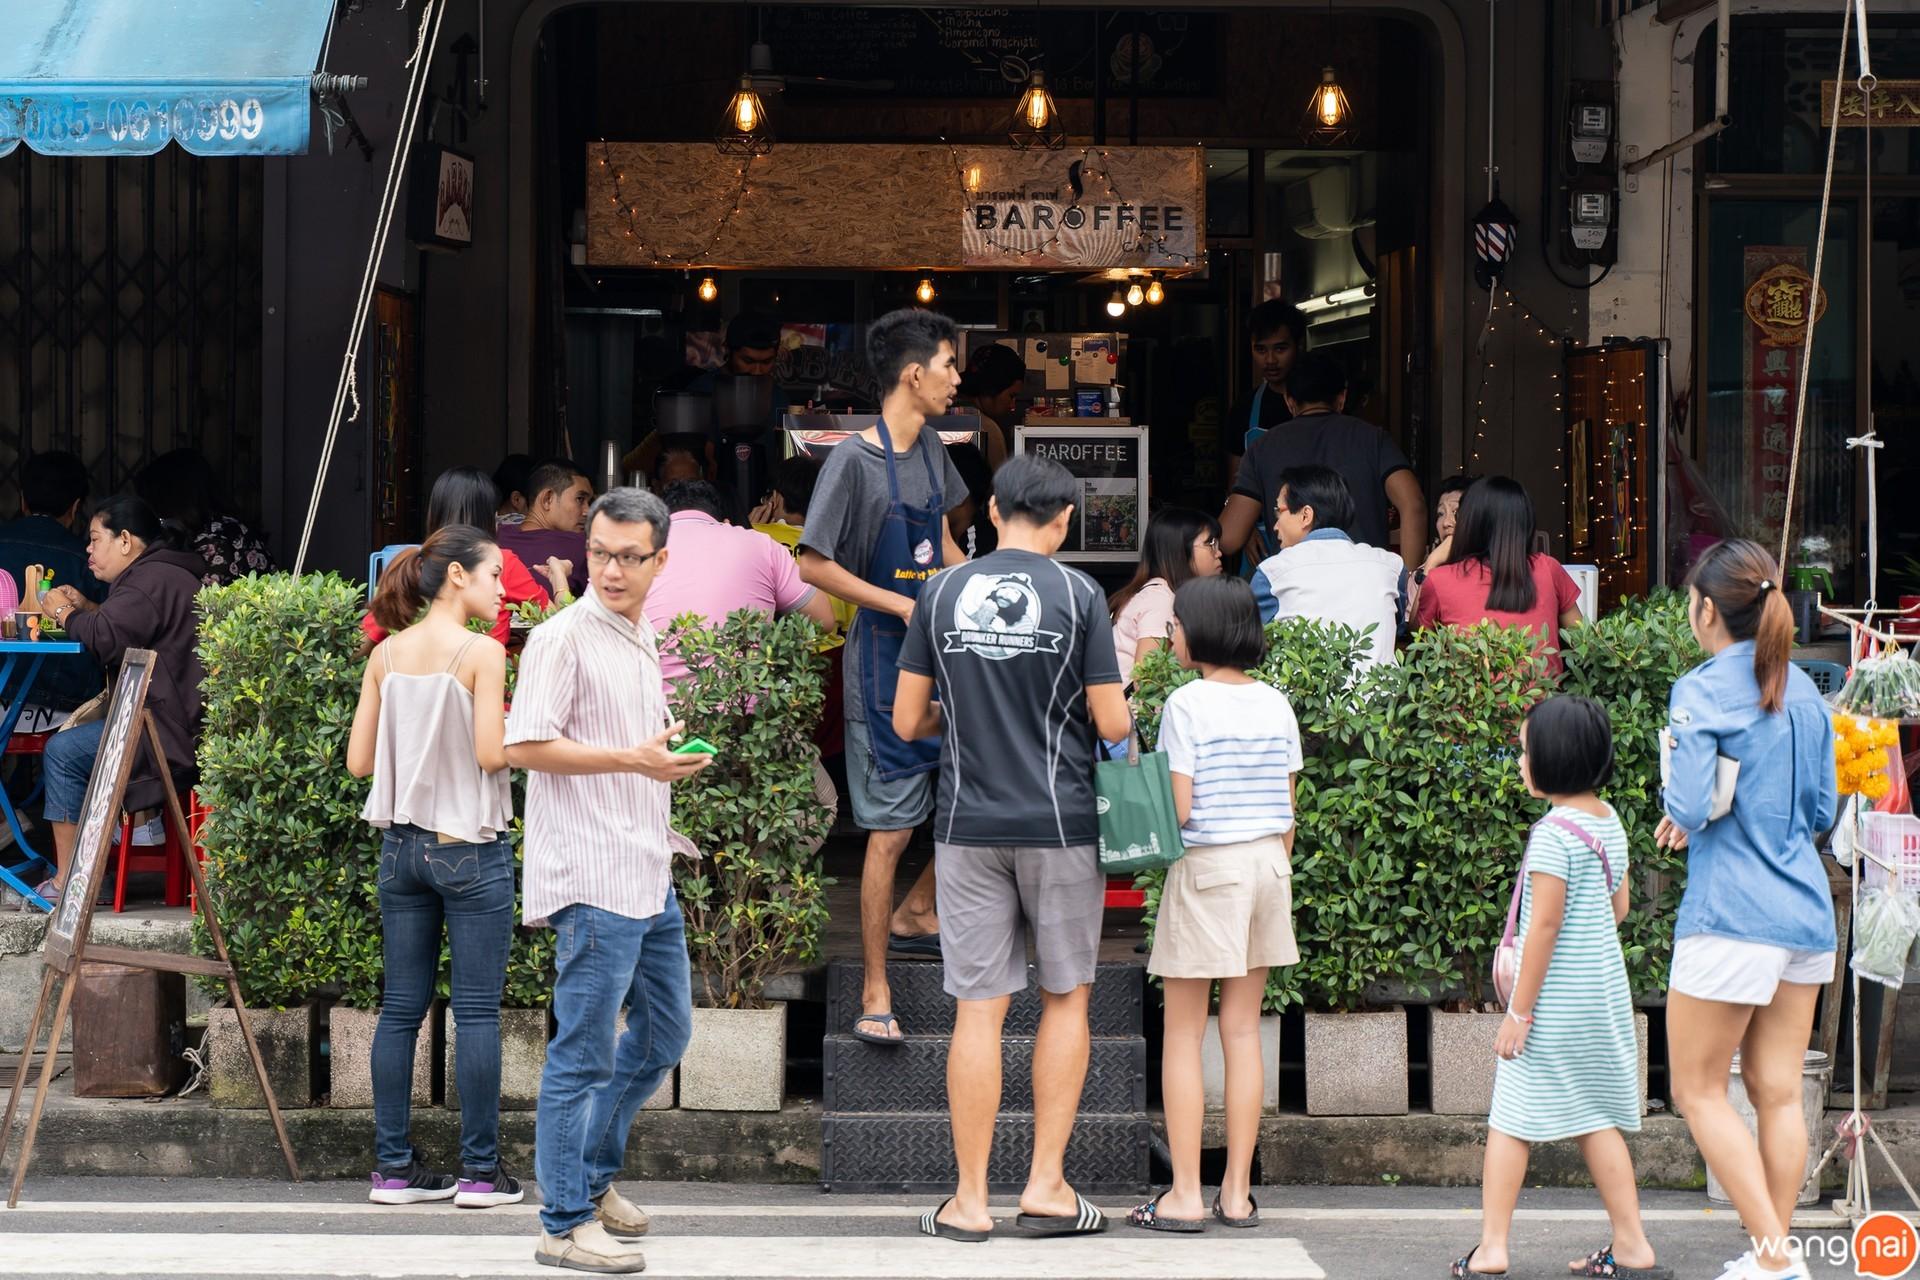 รูปบรรยากาศร้าน BAROFFEE CAFE